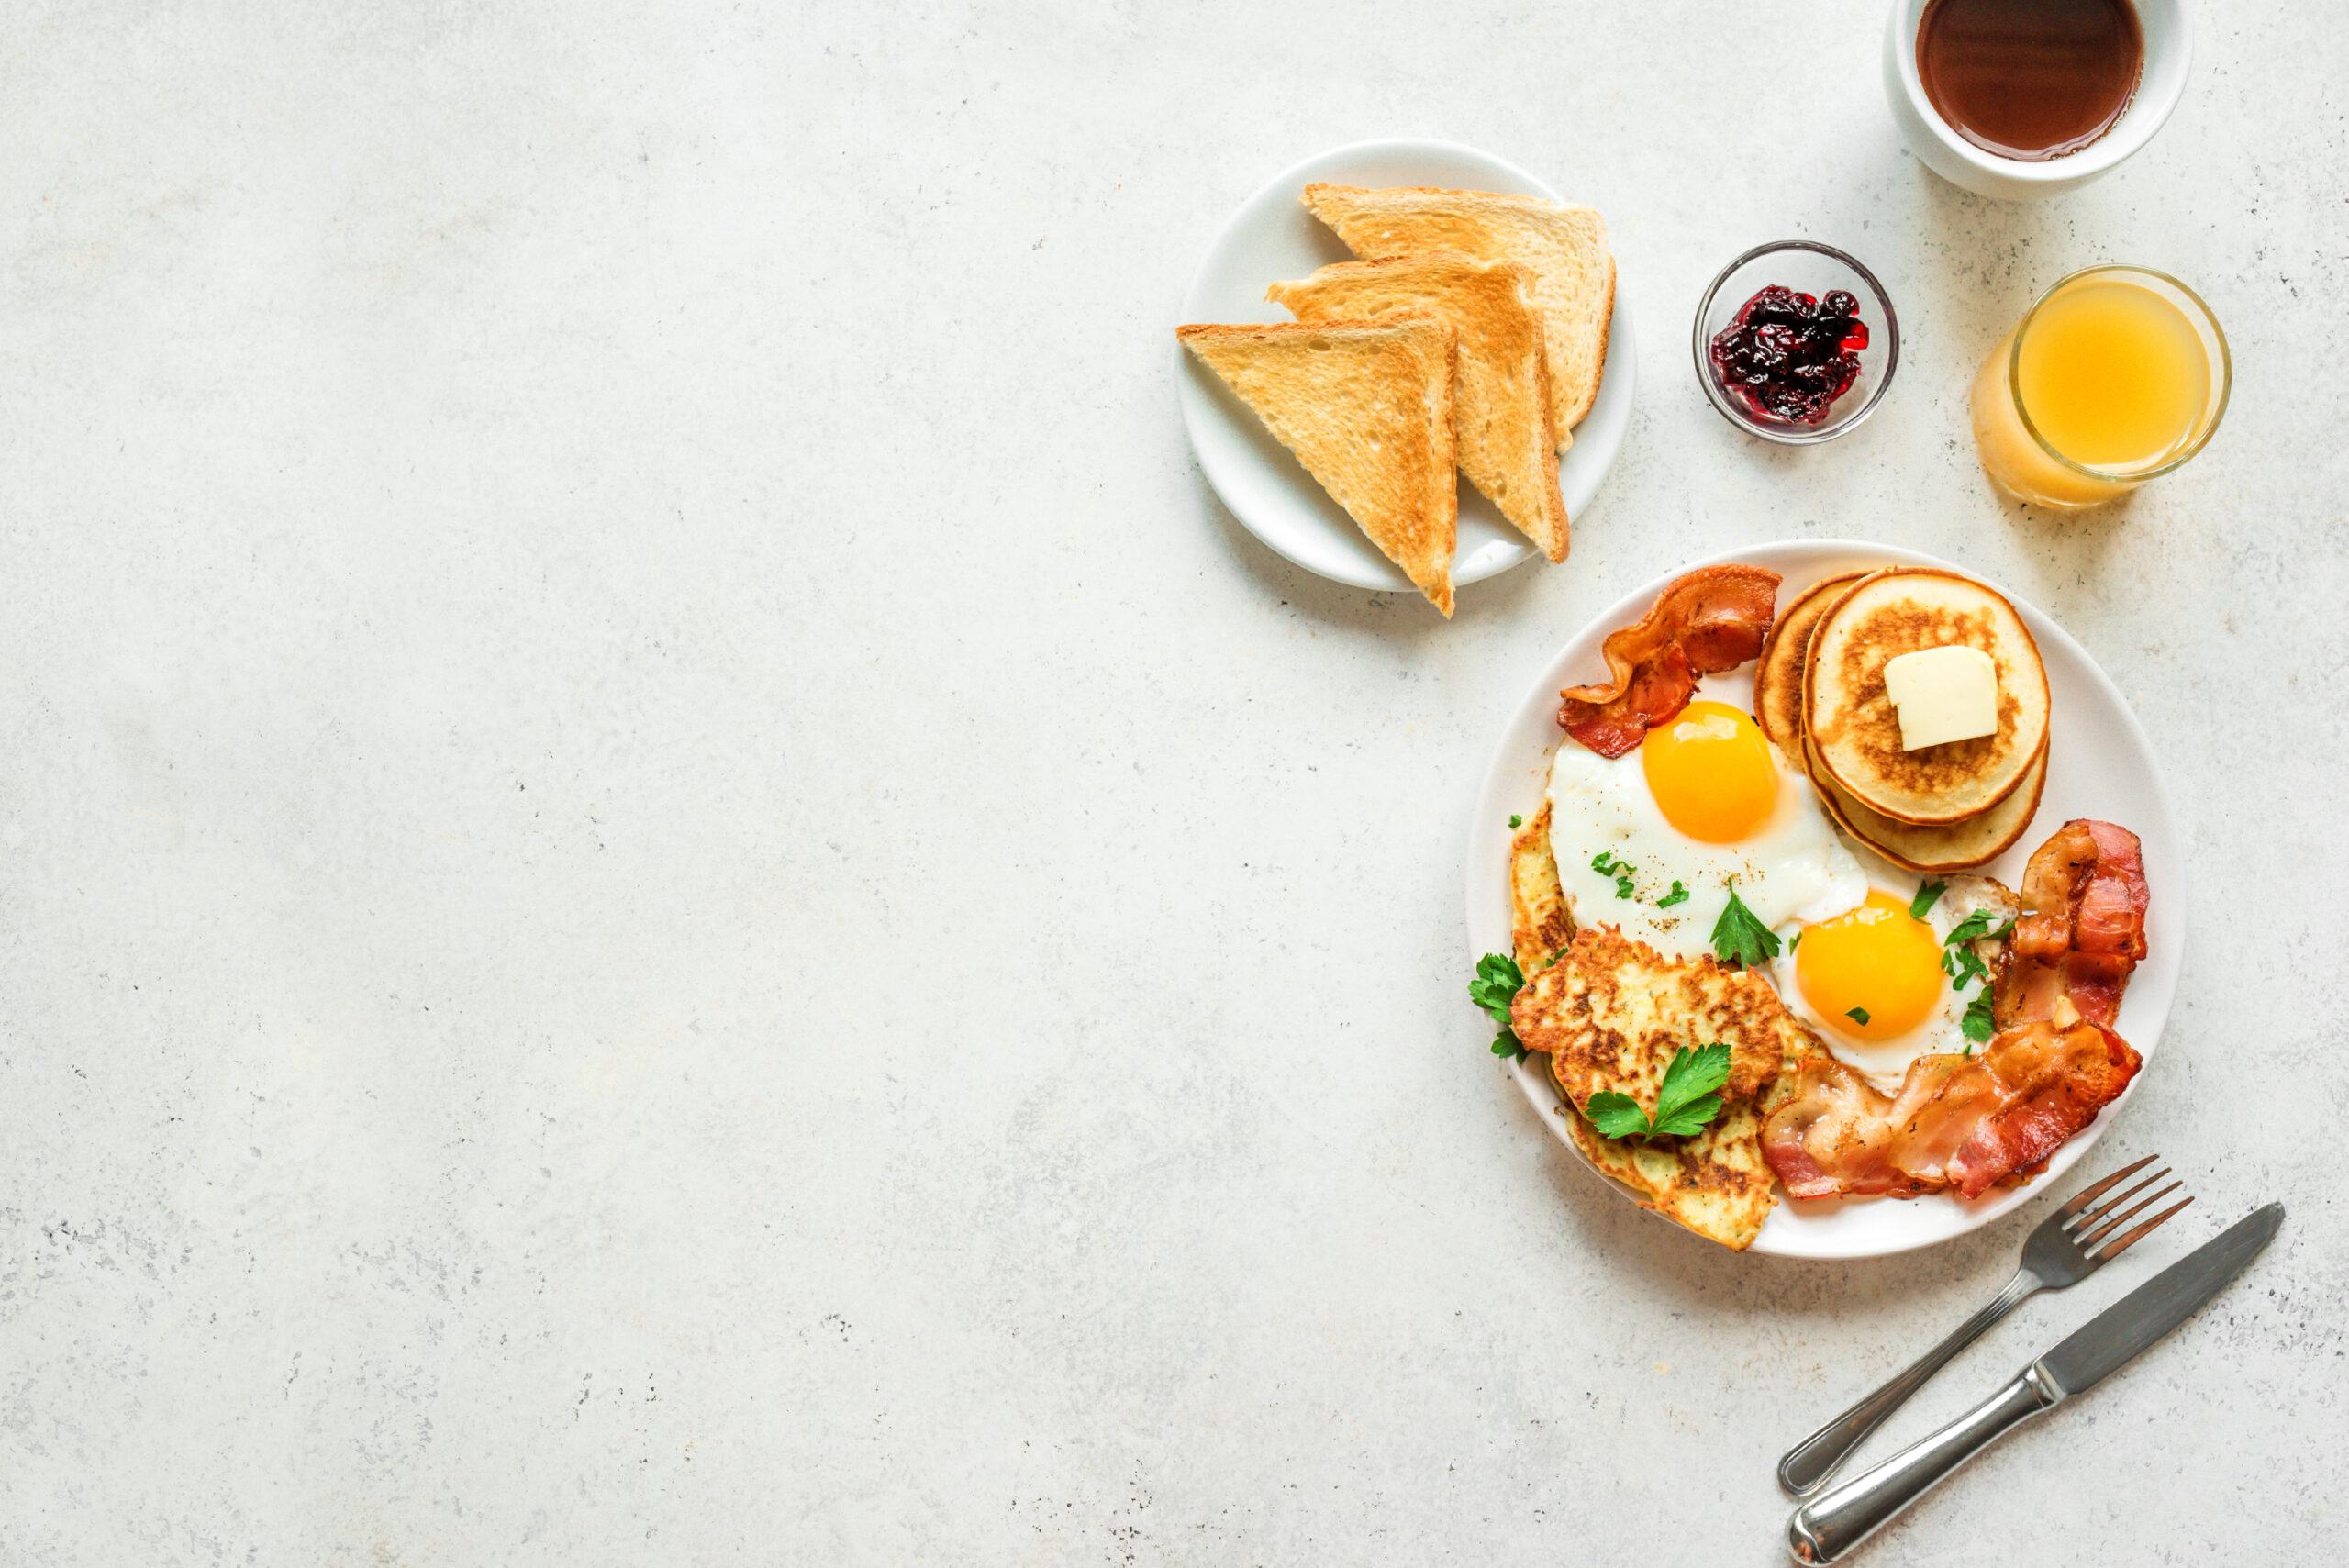 素敵な朝食を食べたいっ!